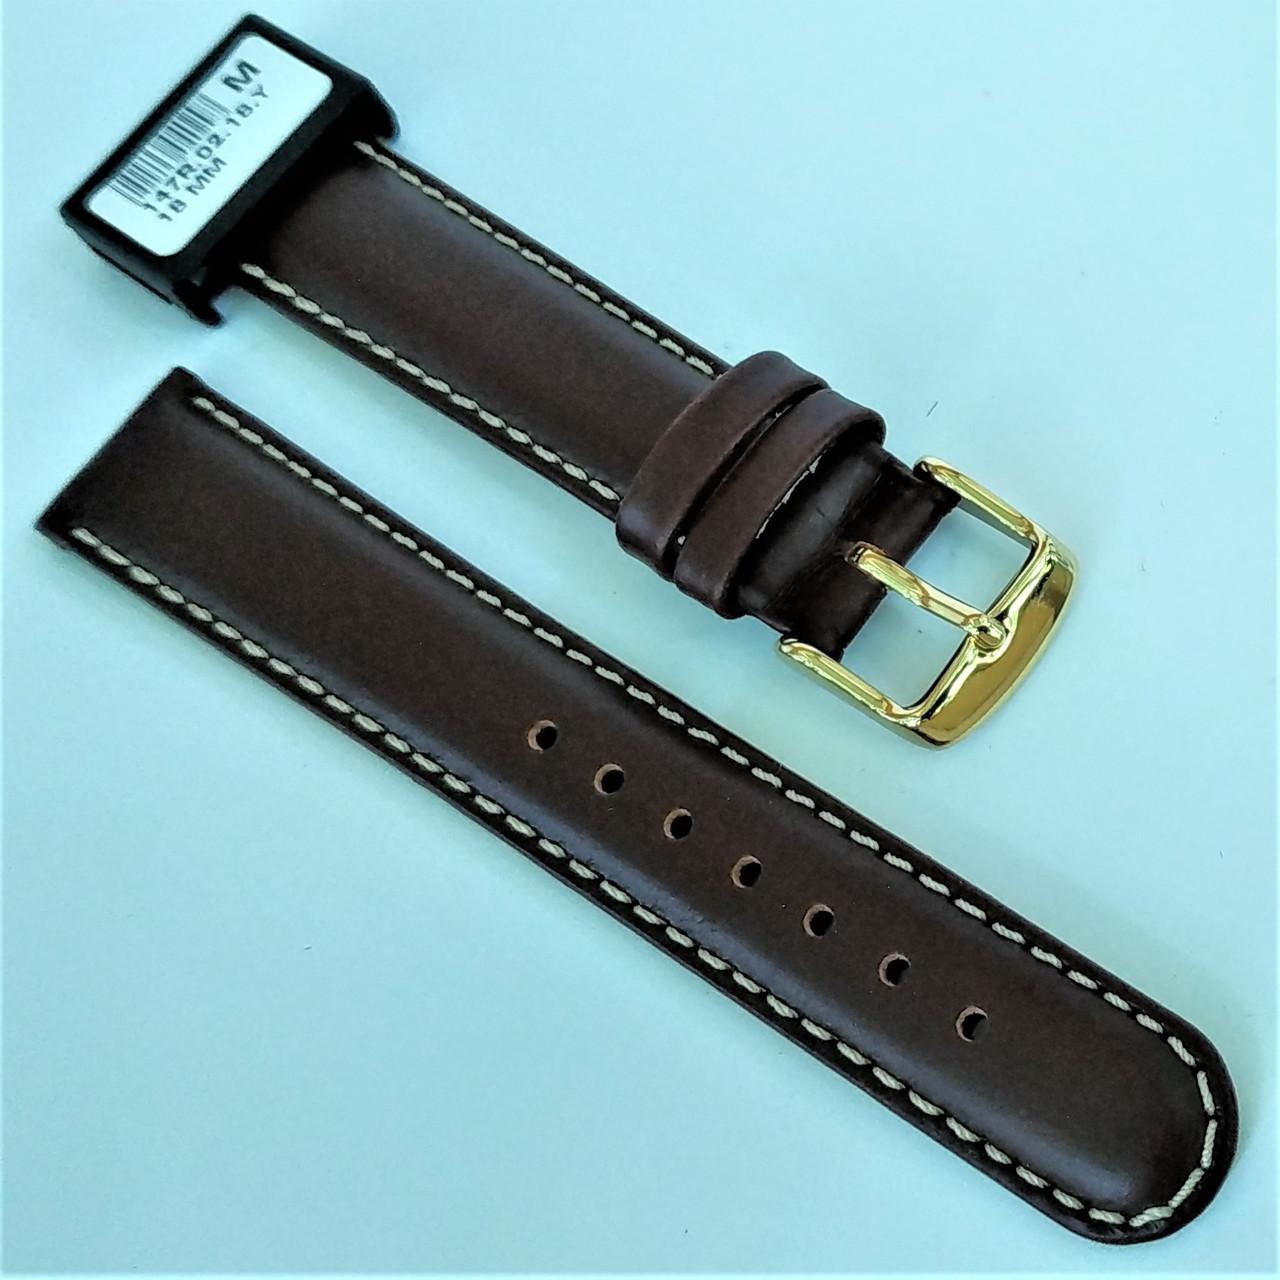 18 мм Кожаный Ремешок для часов CONDOR 147.18.02 Коричневый Ремешок на часы из Натуральной кожи